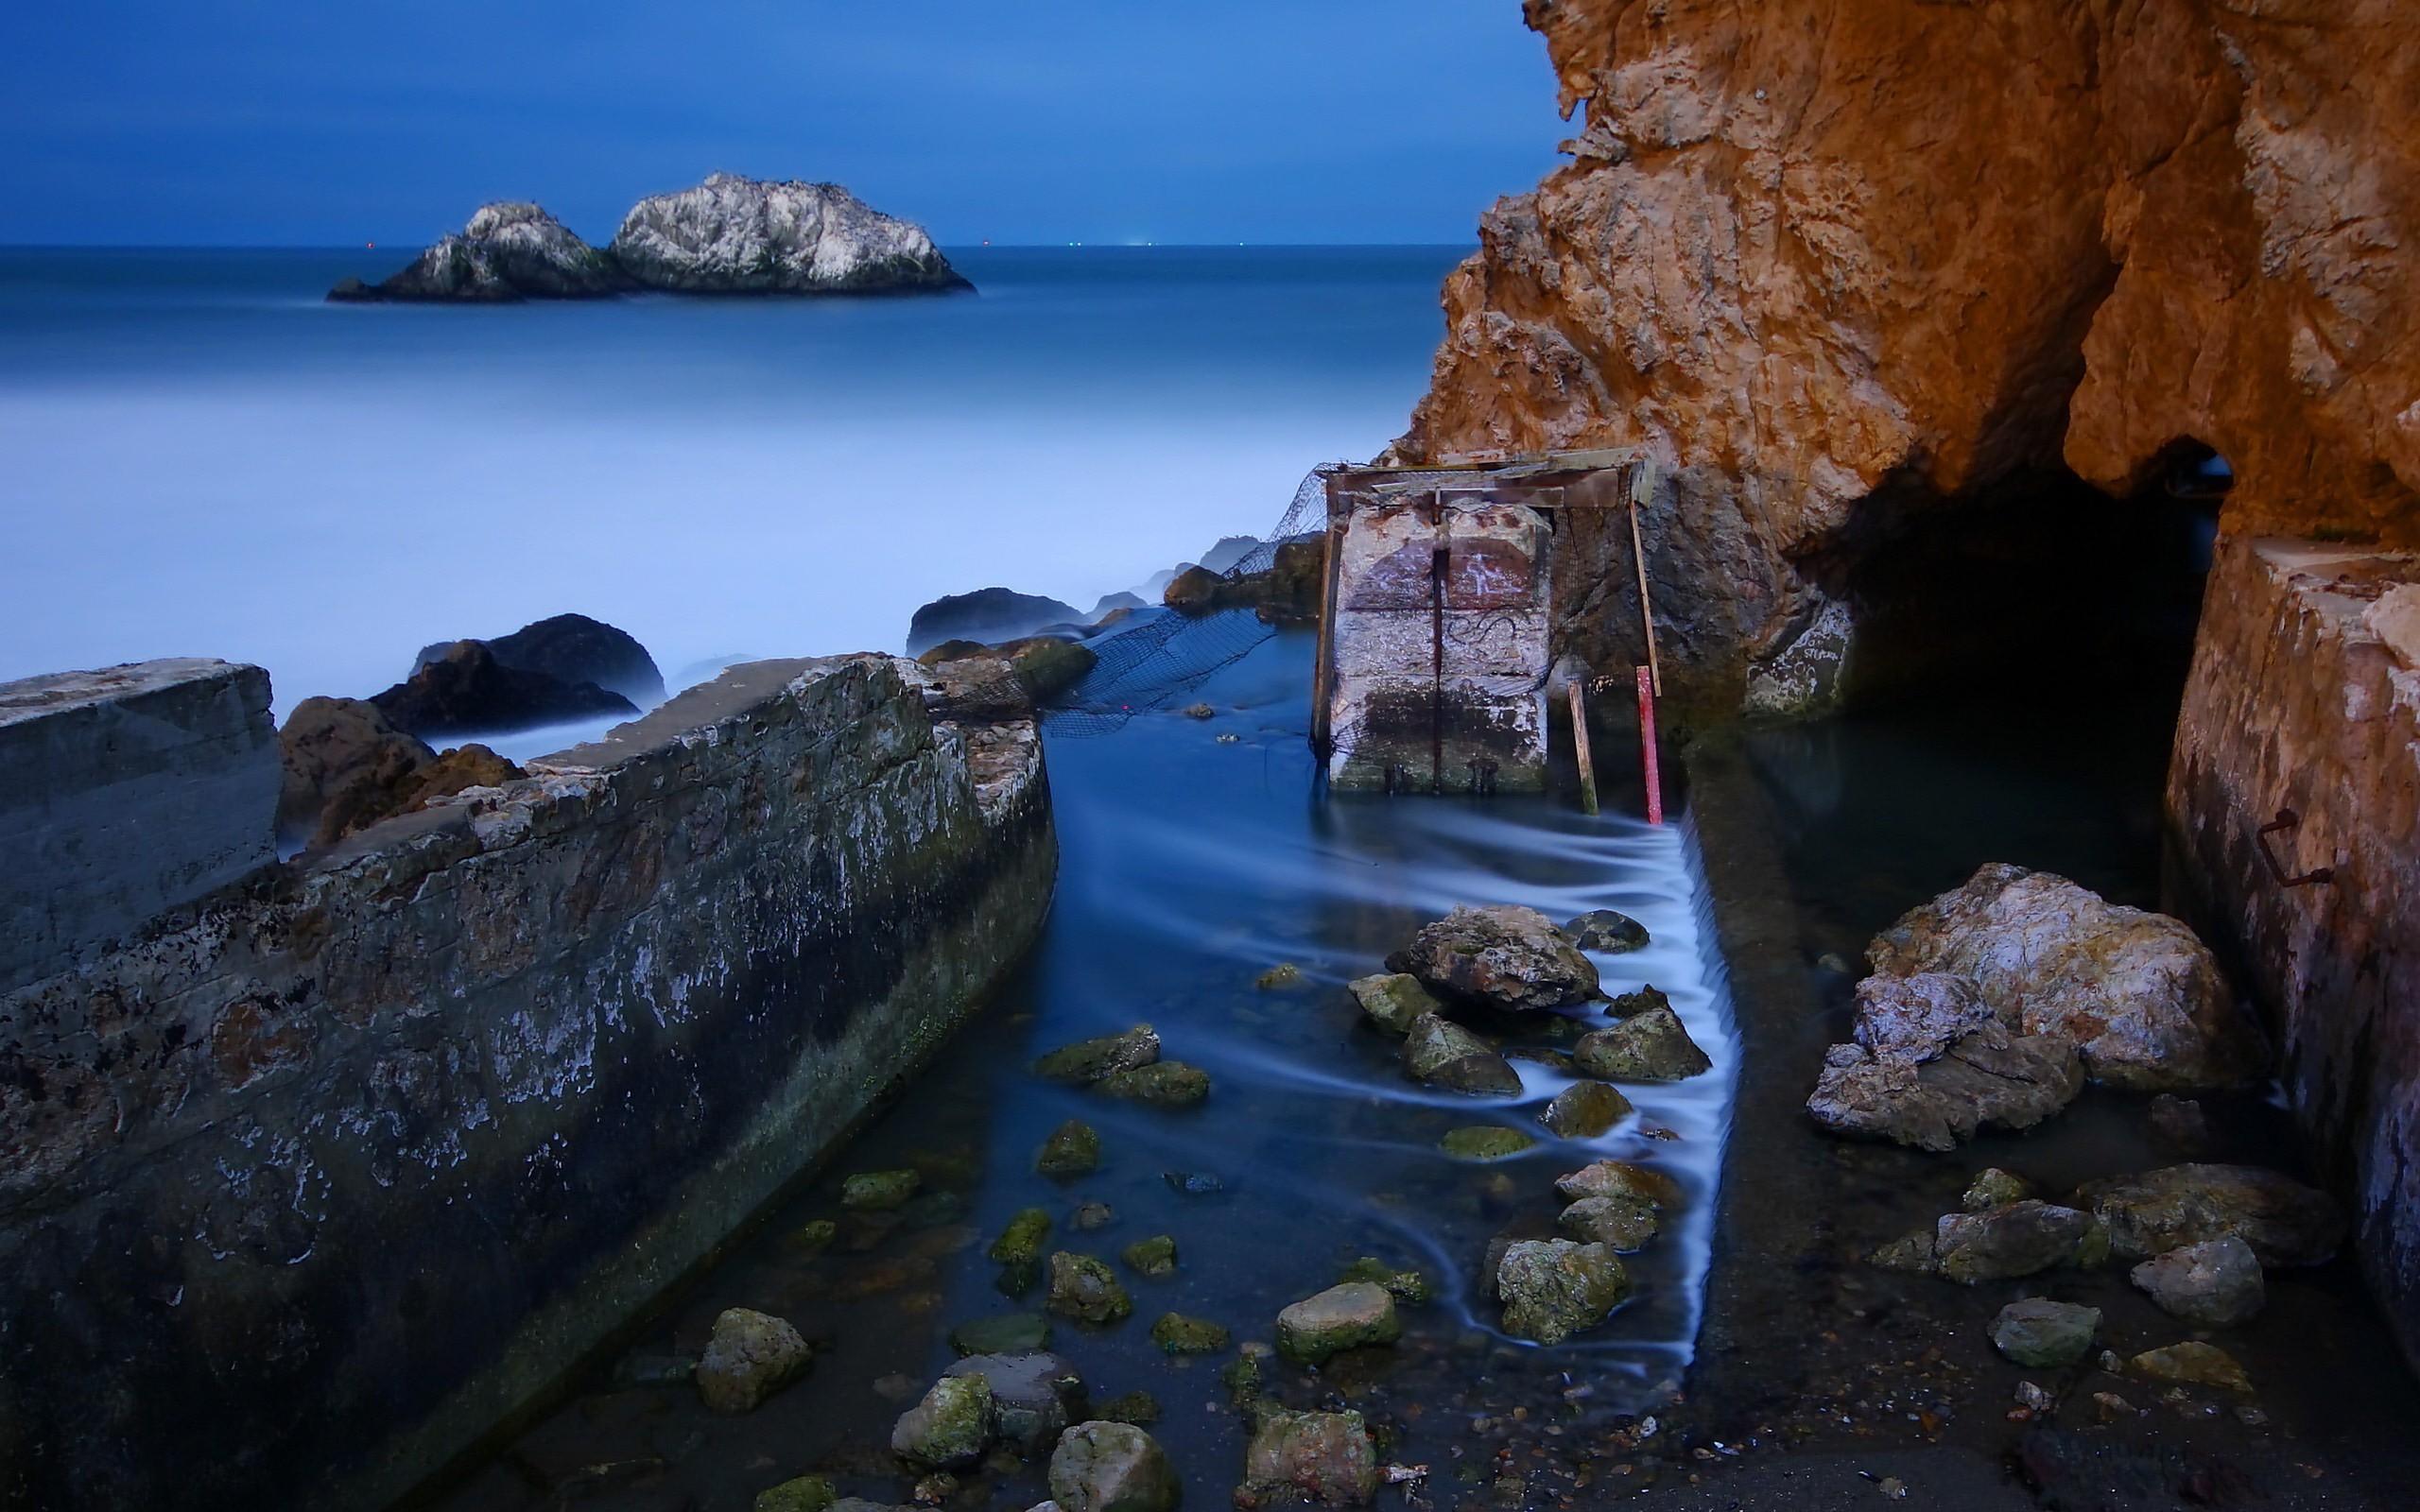 Каменистый и скальный берег загрузить